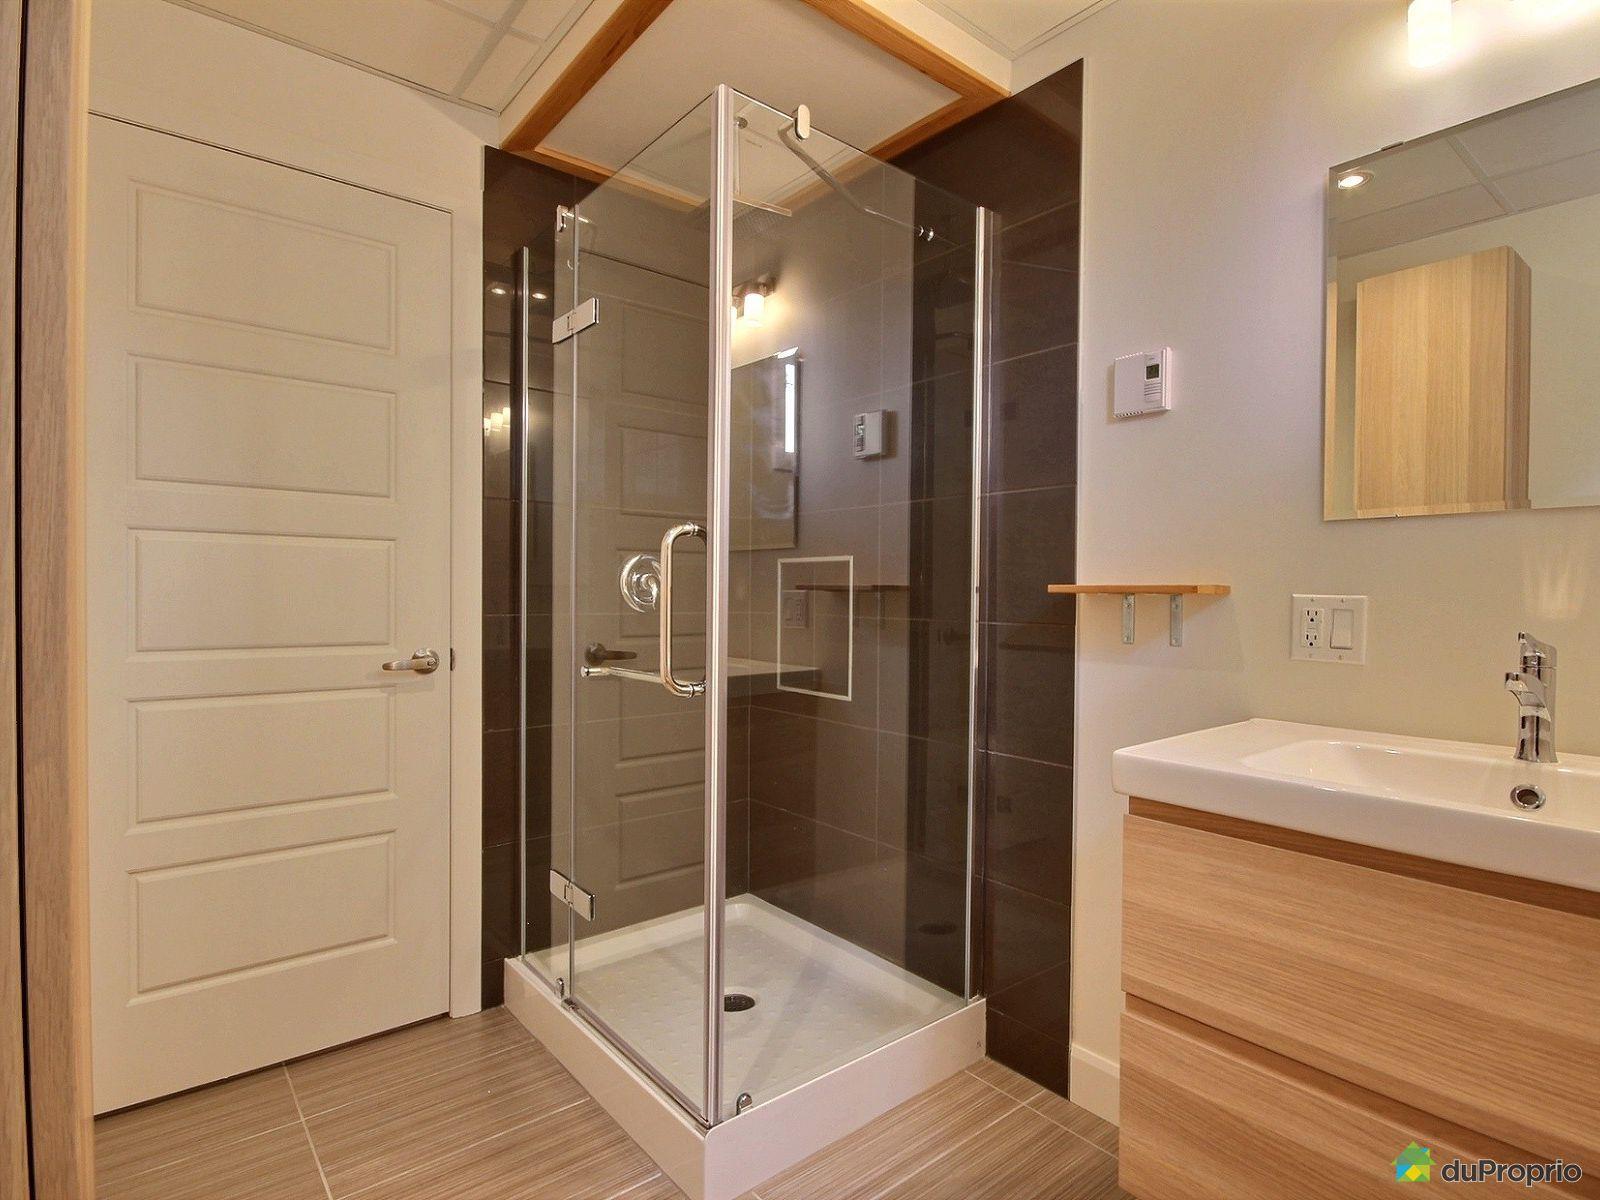 Maison vendre st hyacinthe 2280 rue bobby hachey for Prix salle de bain sous sol